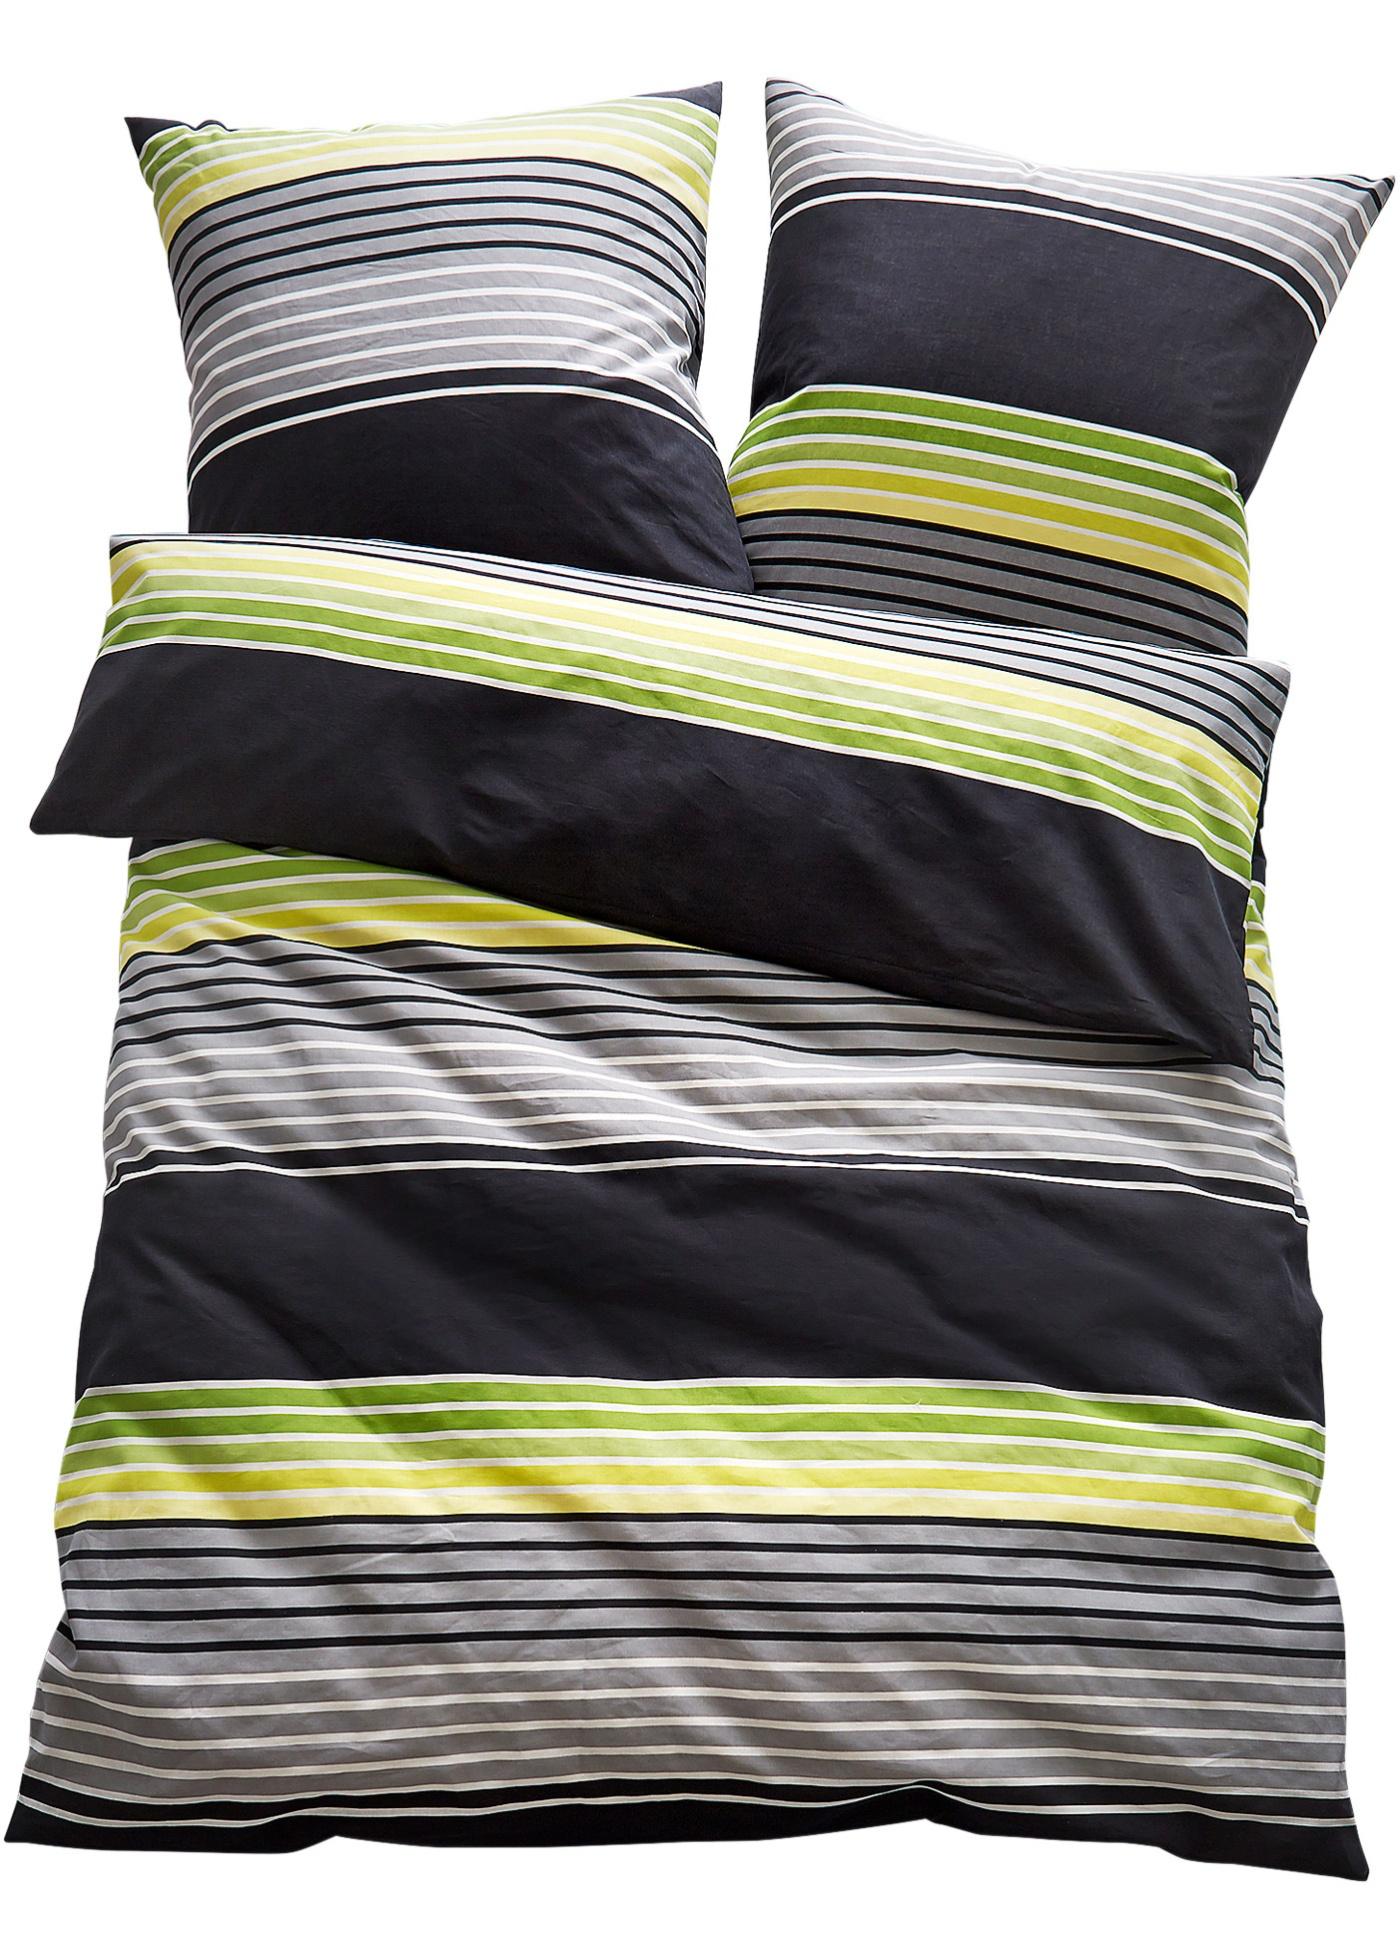 bettw sche jersey gr n bpc living preisvergleiche. Black Bedroom Furniture Sets. Home Design Ideas